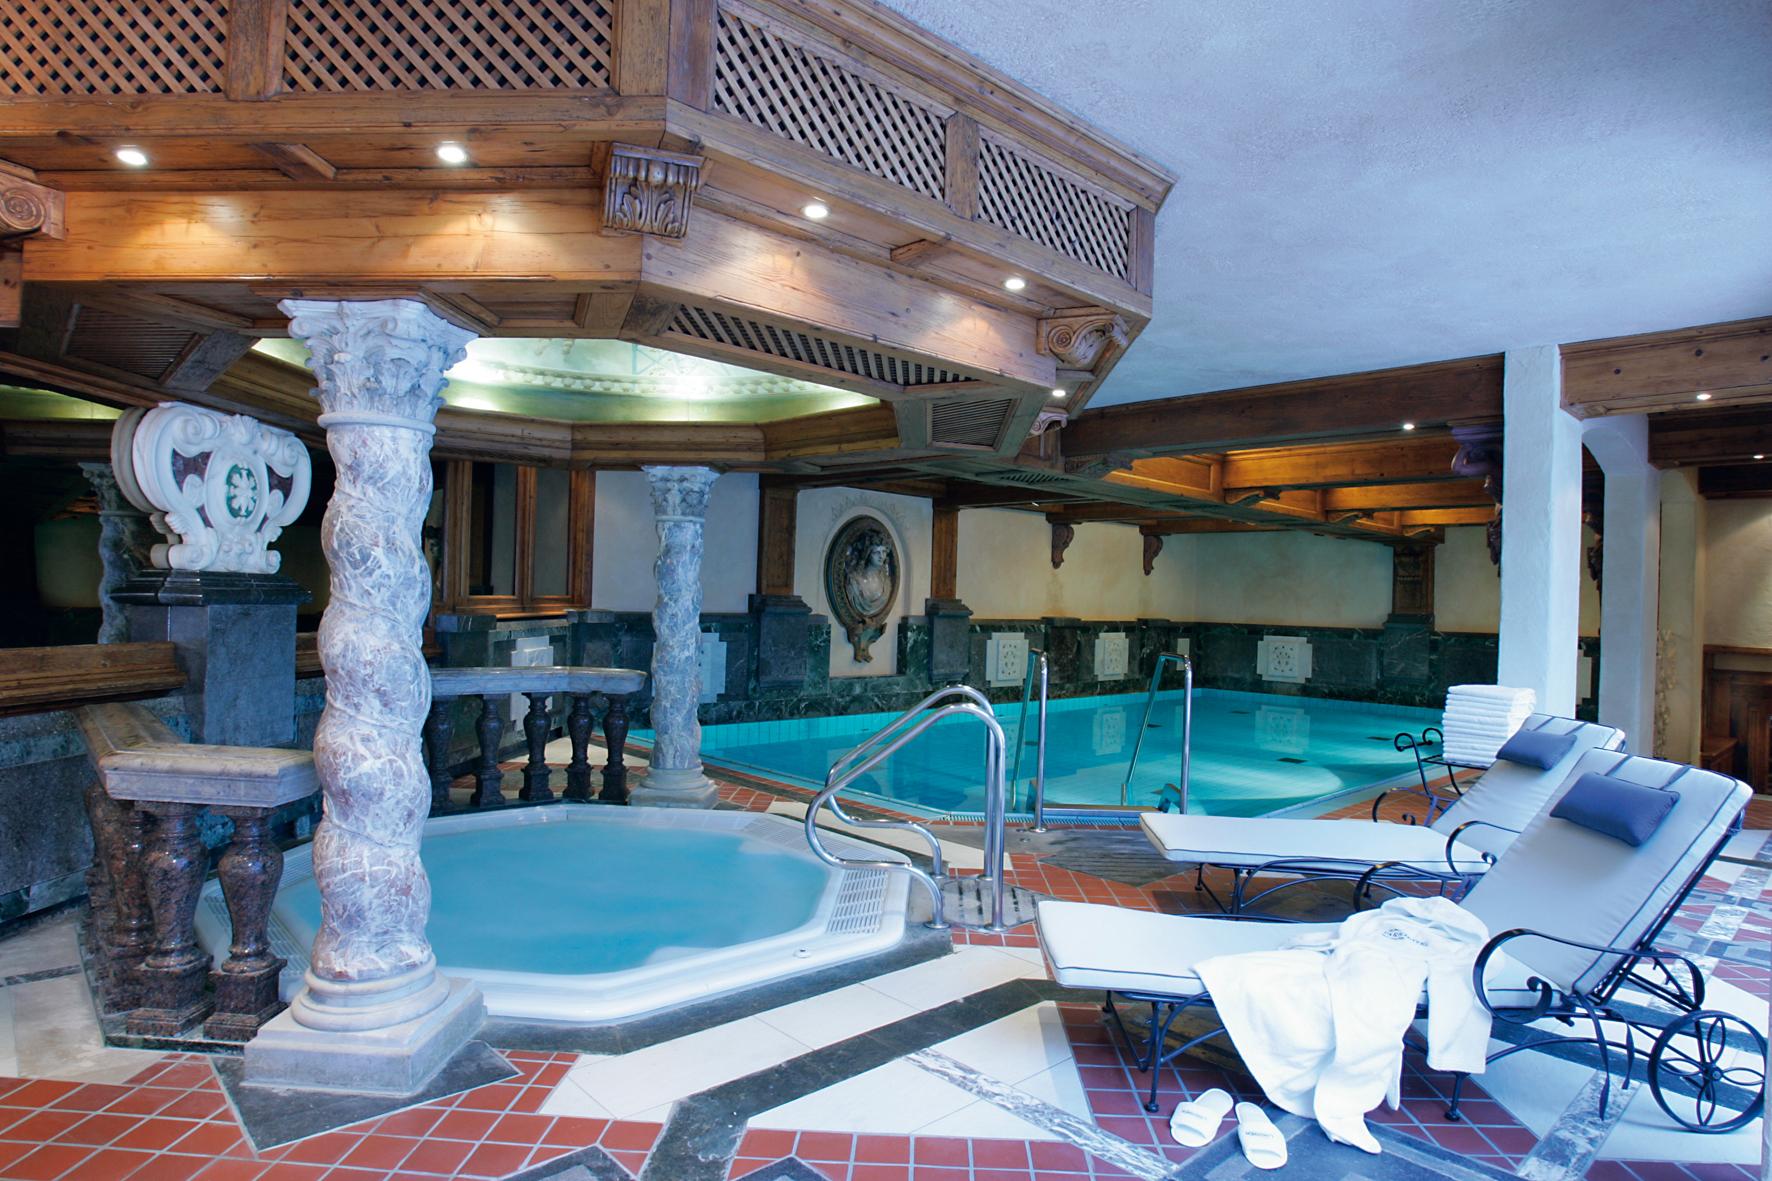 Lindner parkhotel spa in oberstaufen komplett renoviert for Oberstaufen hotel